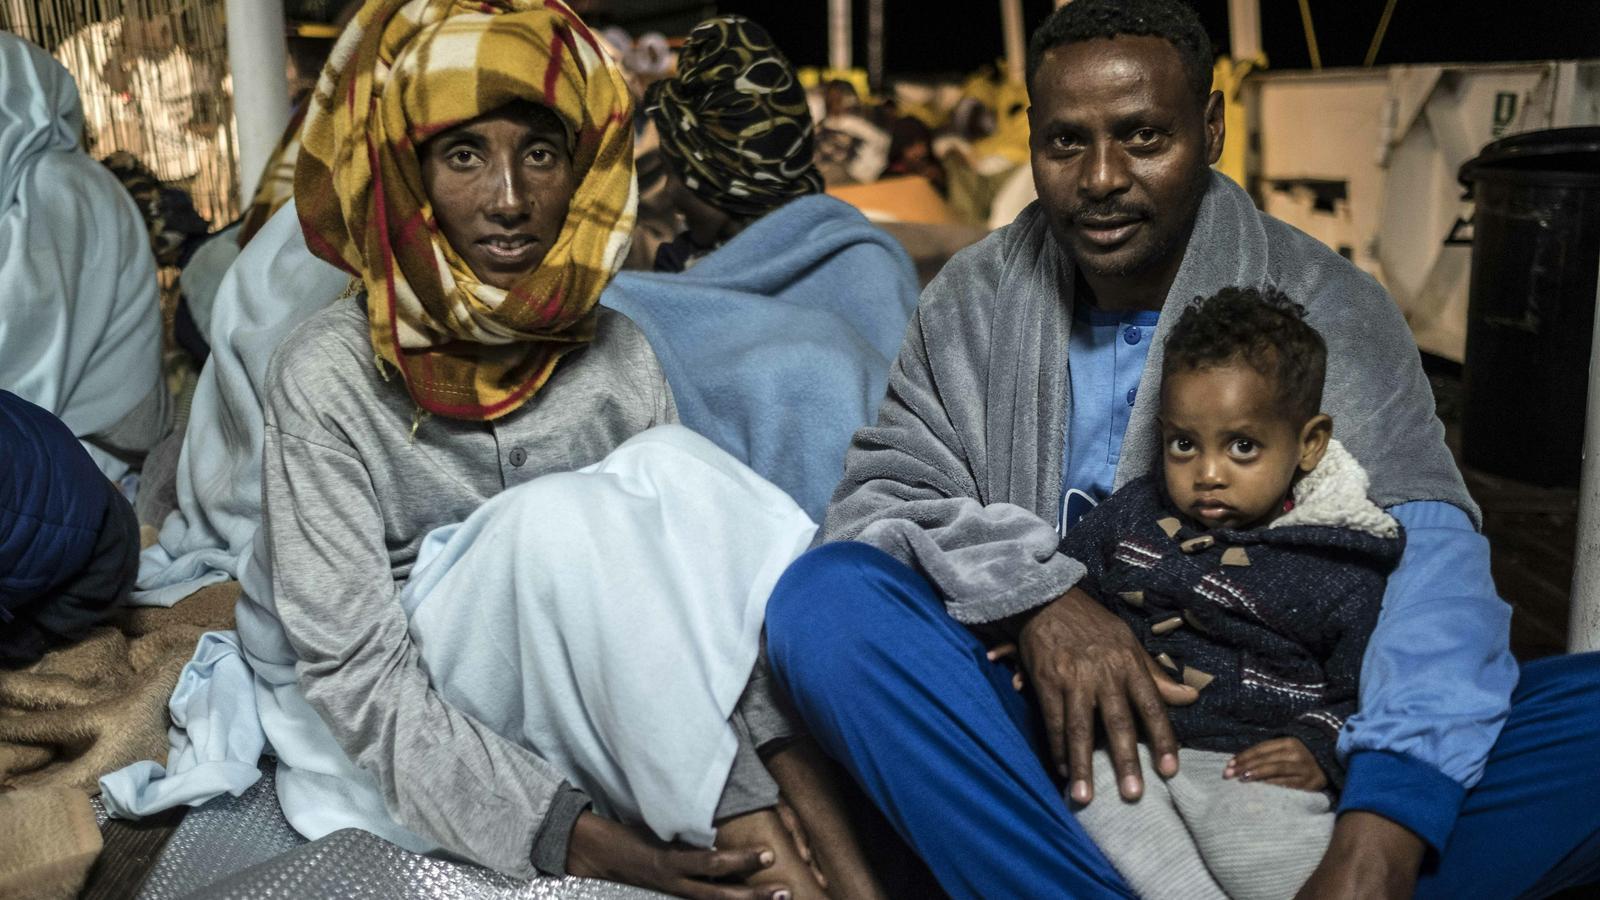 Foto d'arxiu de Gebru Gebretinsa  i Letebrhan Tesfagaber, amb la seva filla petita. Provinents d'Eritrea, van ser rescatats per l'Open Arms al Mediterrani central, l'any 2018